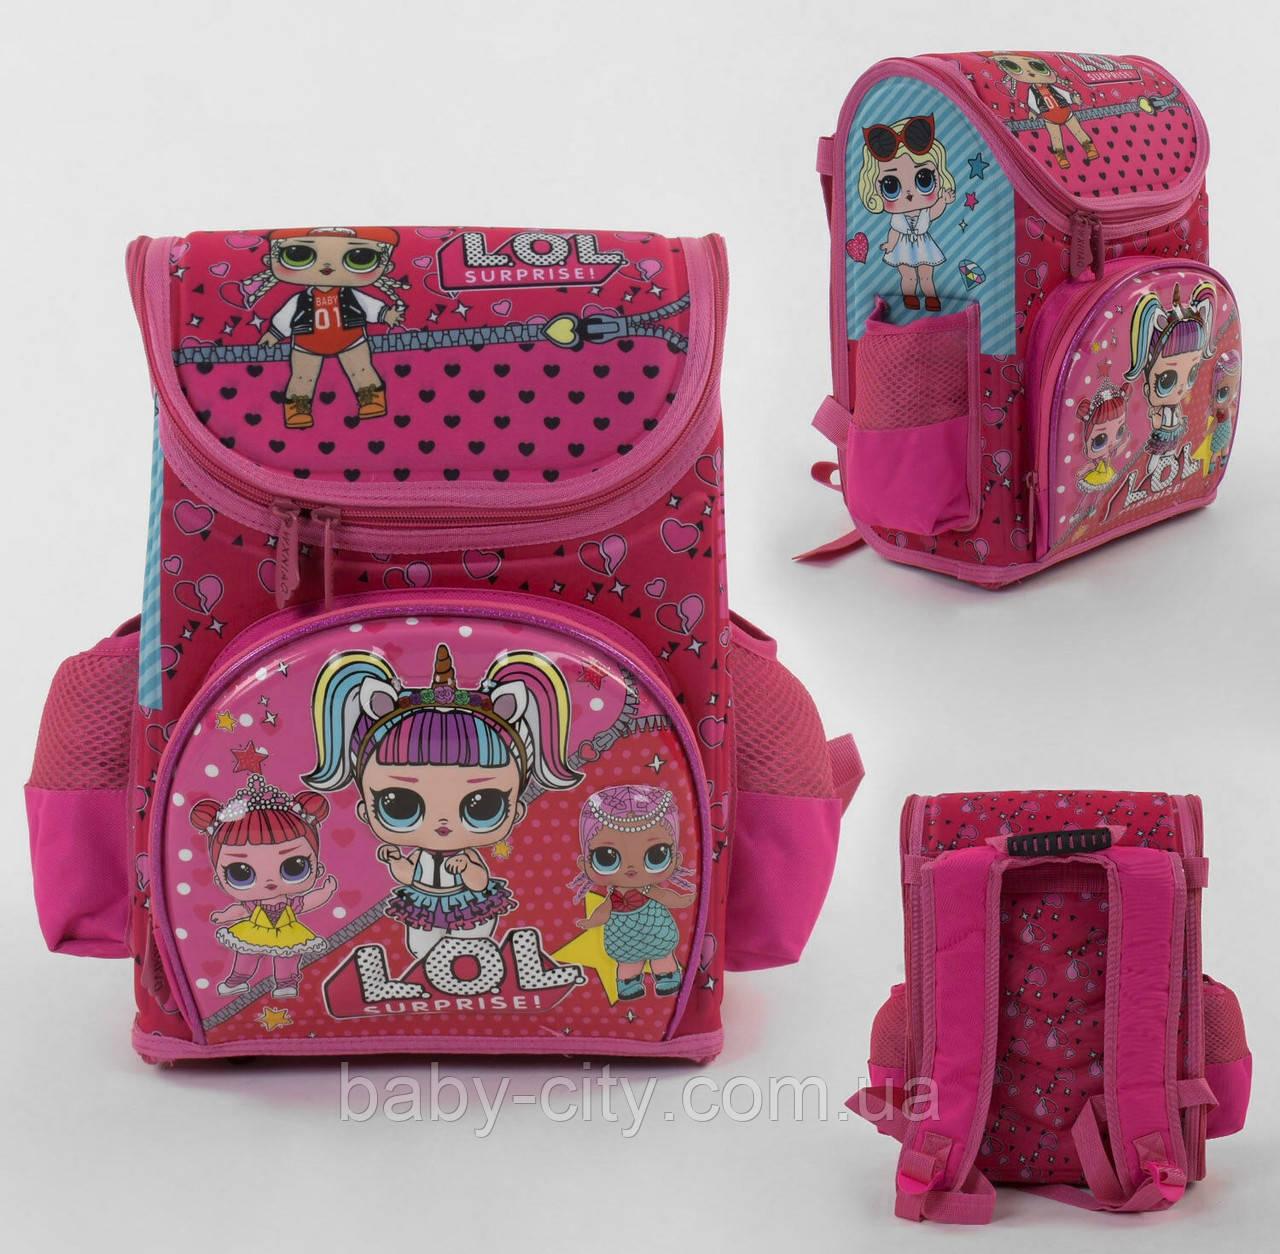 Рюкзак детский школьный каркасный С 43647 с 3 карманами, ортопедической спинкой и принтом